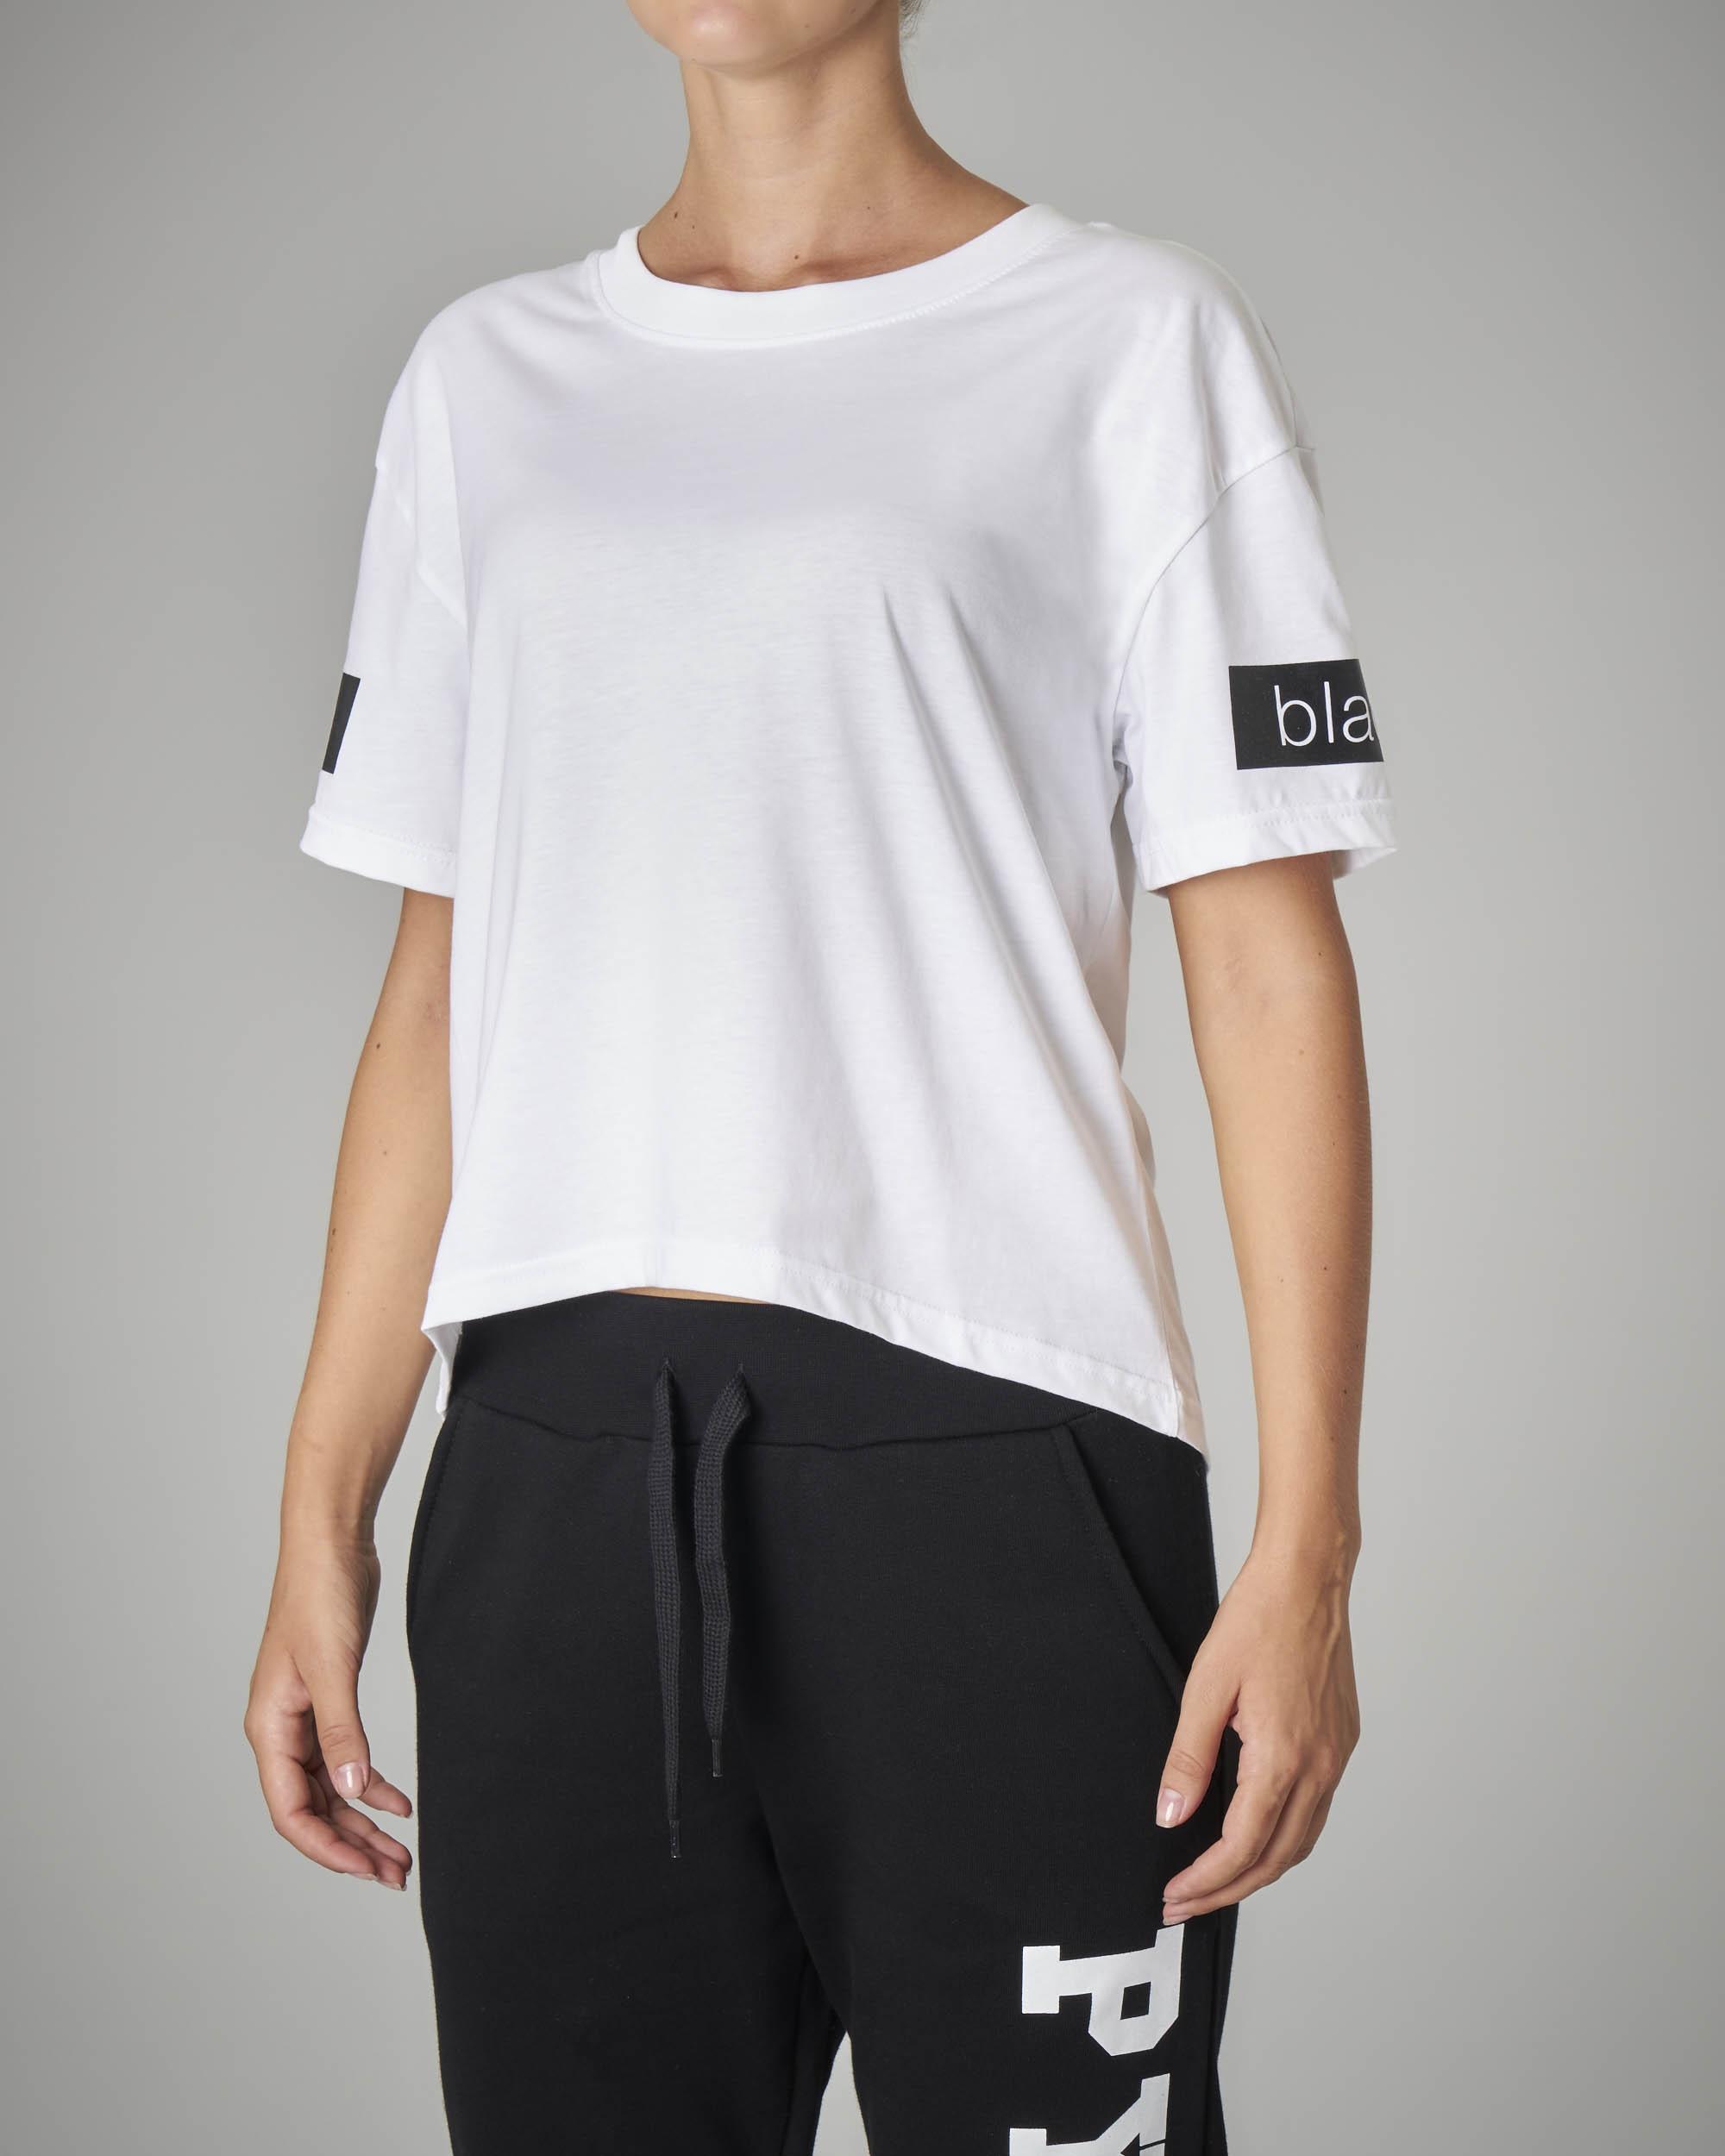 T-shirt crop bianca con logo sulla schiena